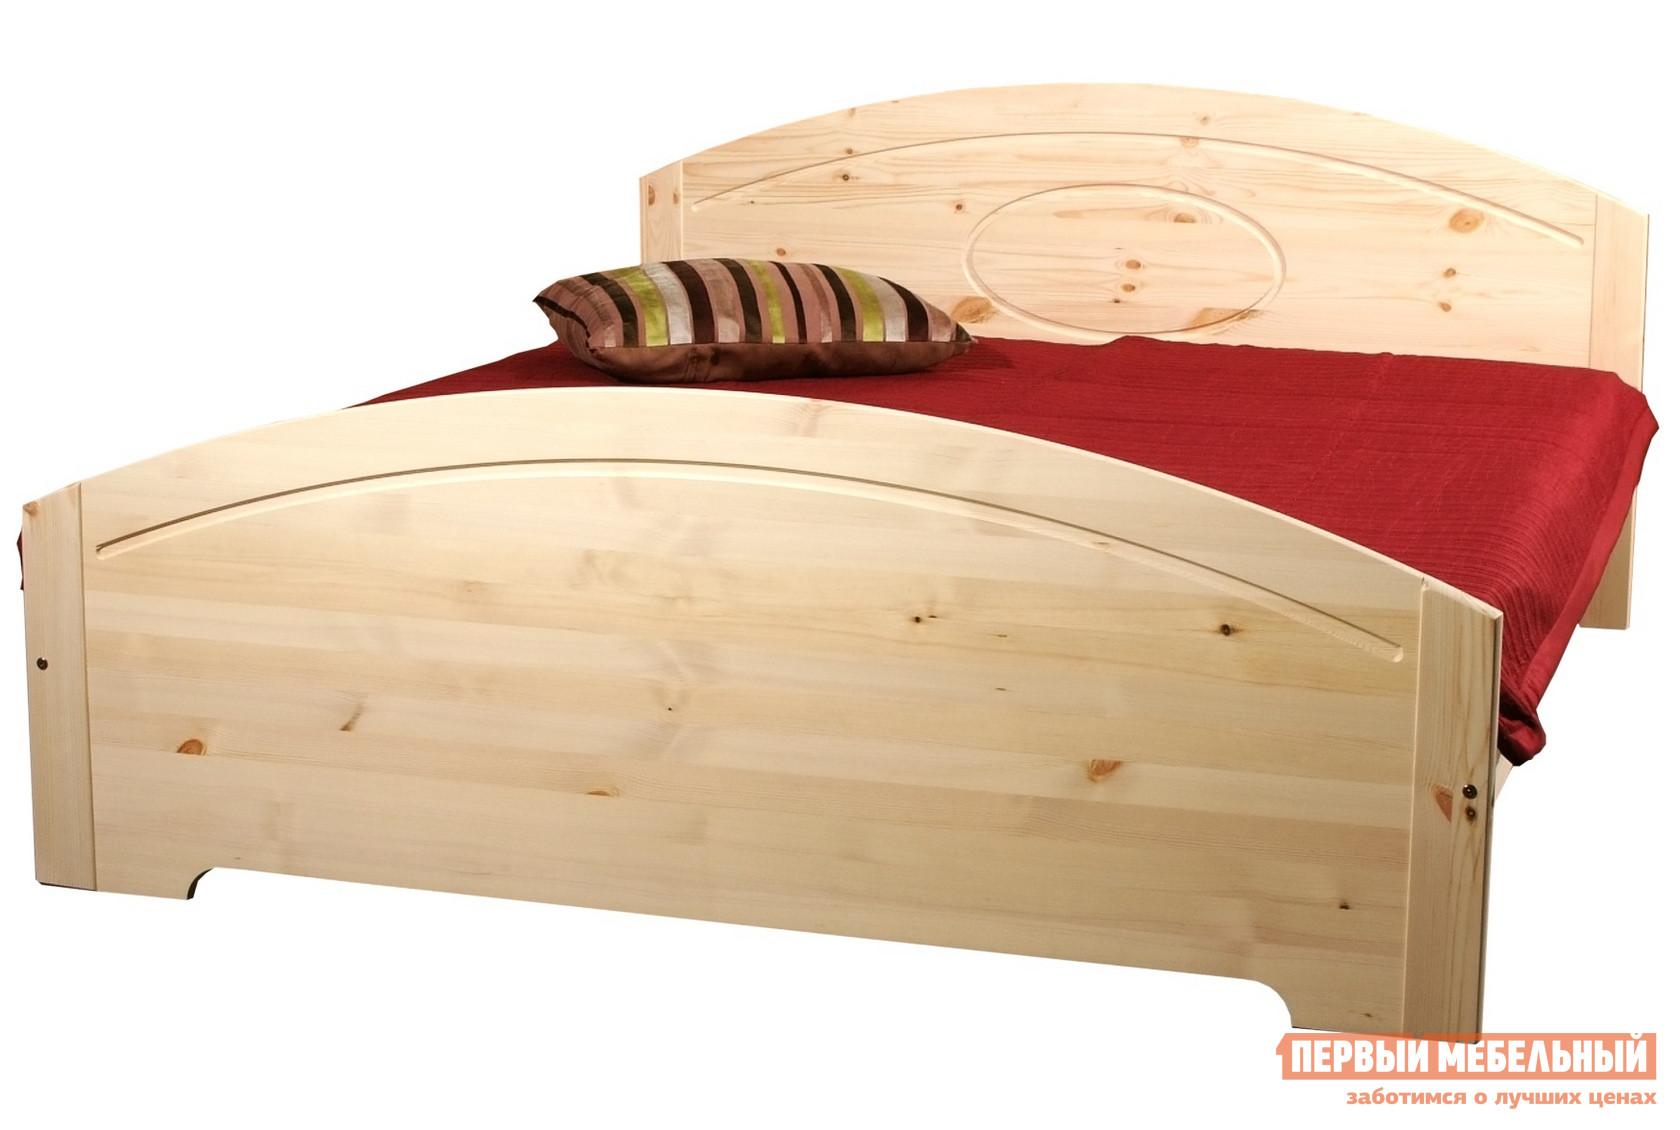 Кровать односпальная Timberica Инга